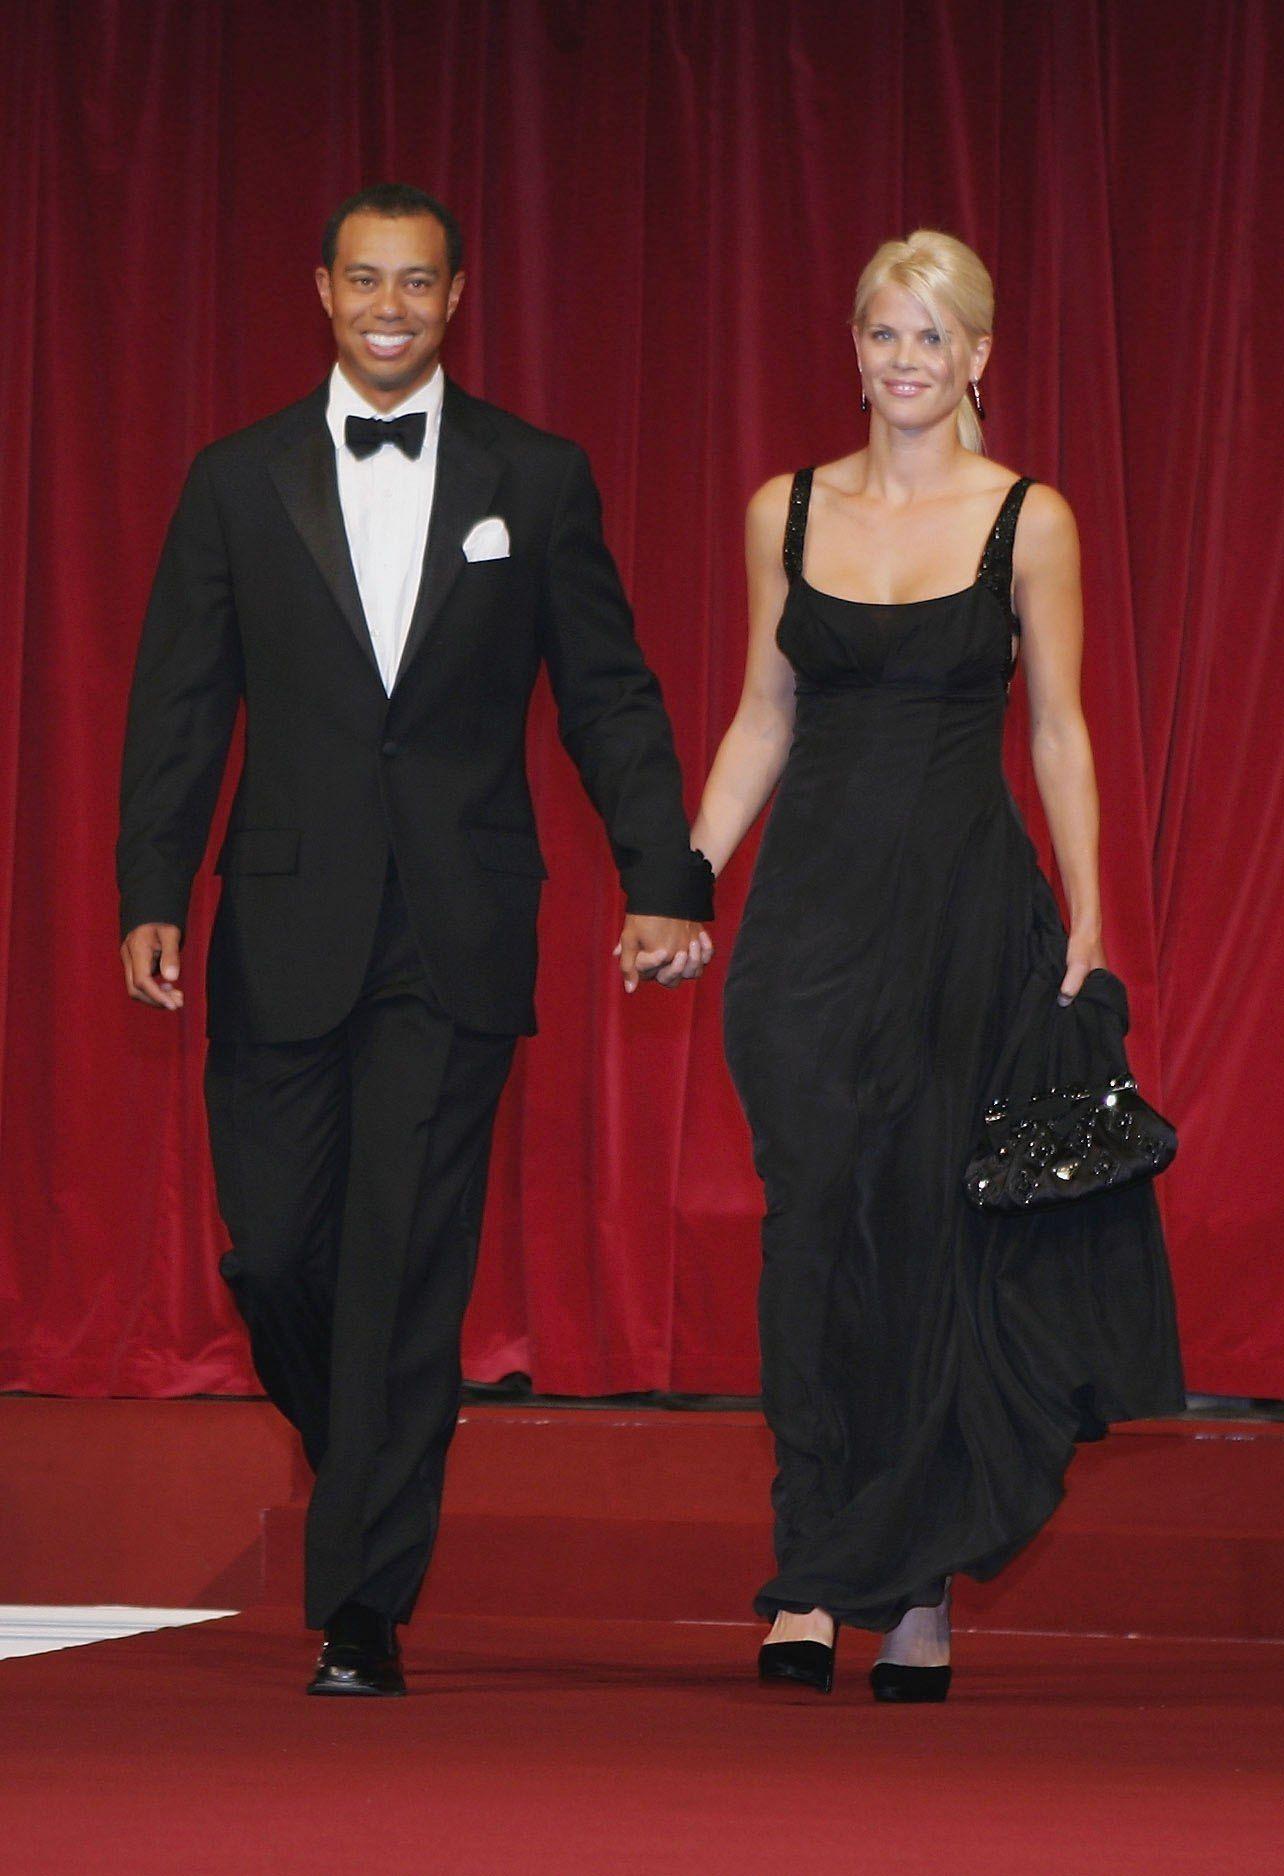 Tiger Woods' Ex Elin Nordegren: Where is She Now ...